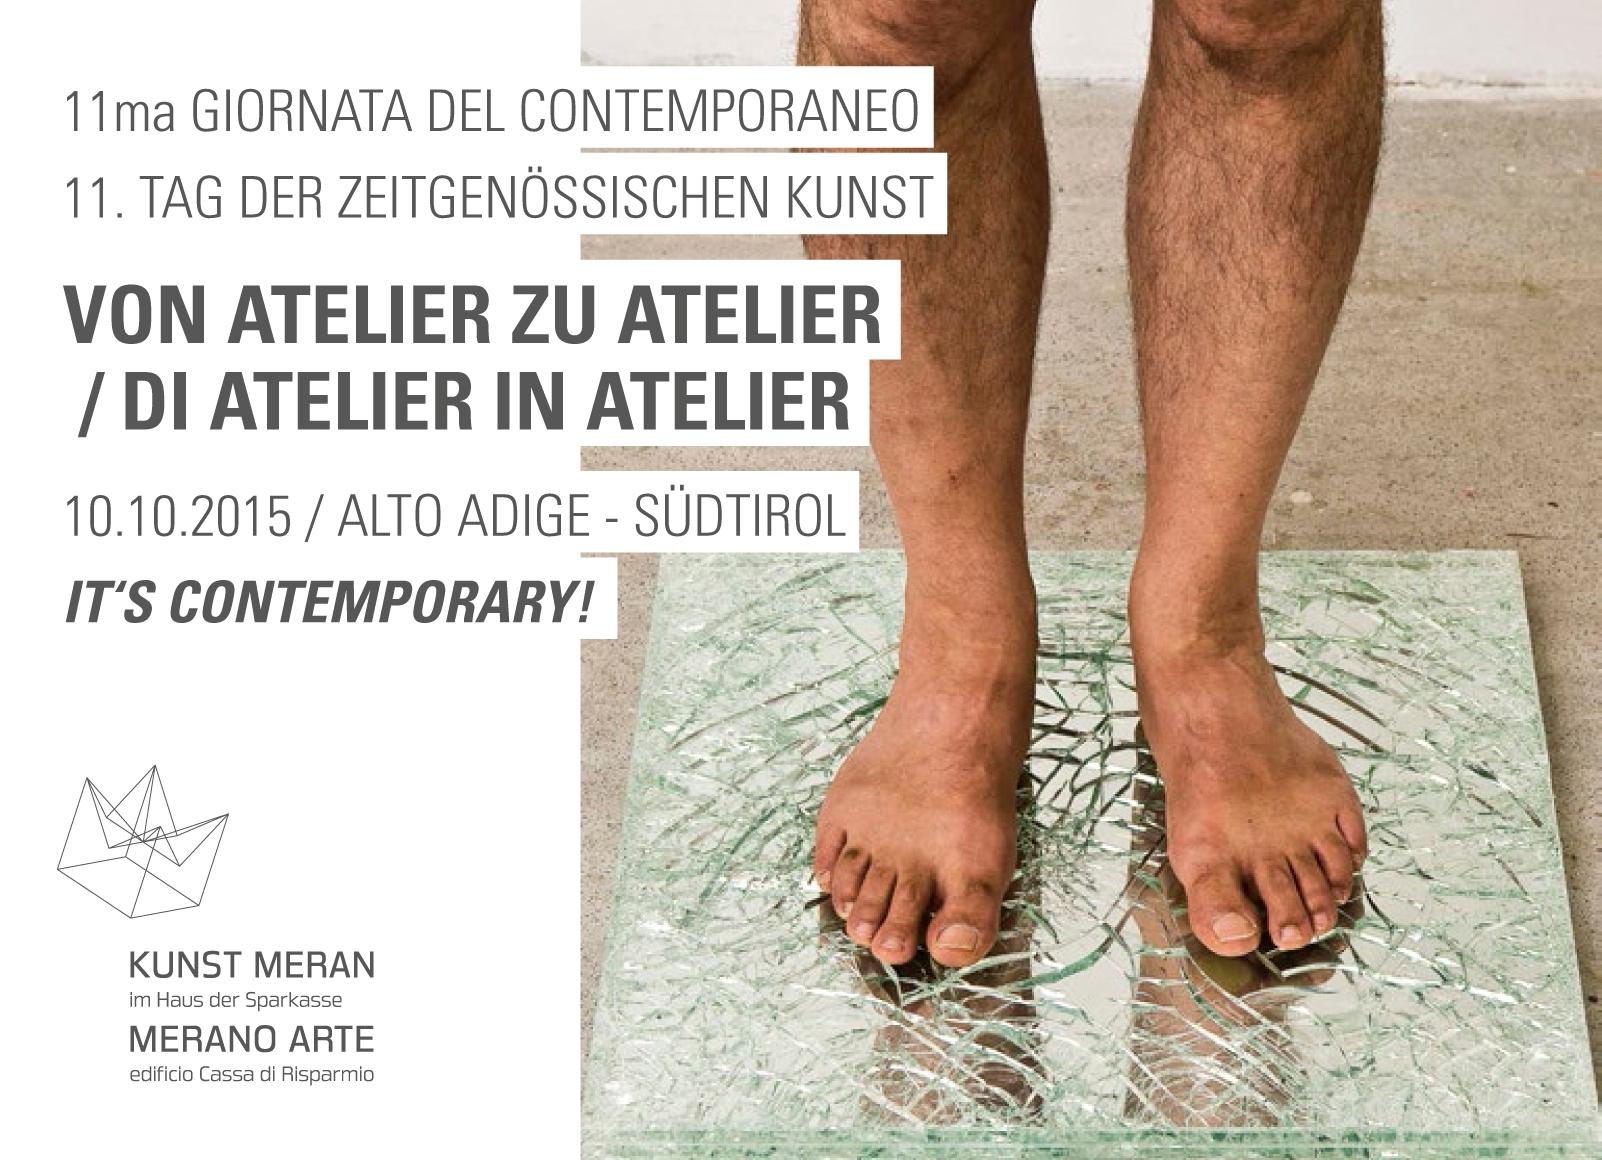 GIORNATA DEL CONTEMPORANEO Di Atelier in Atelier